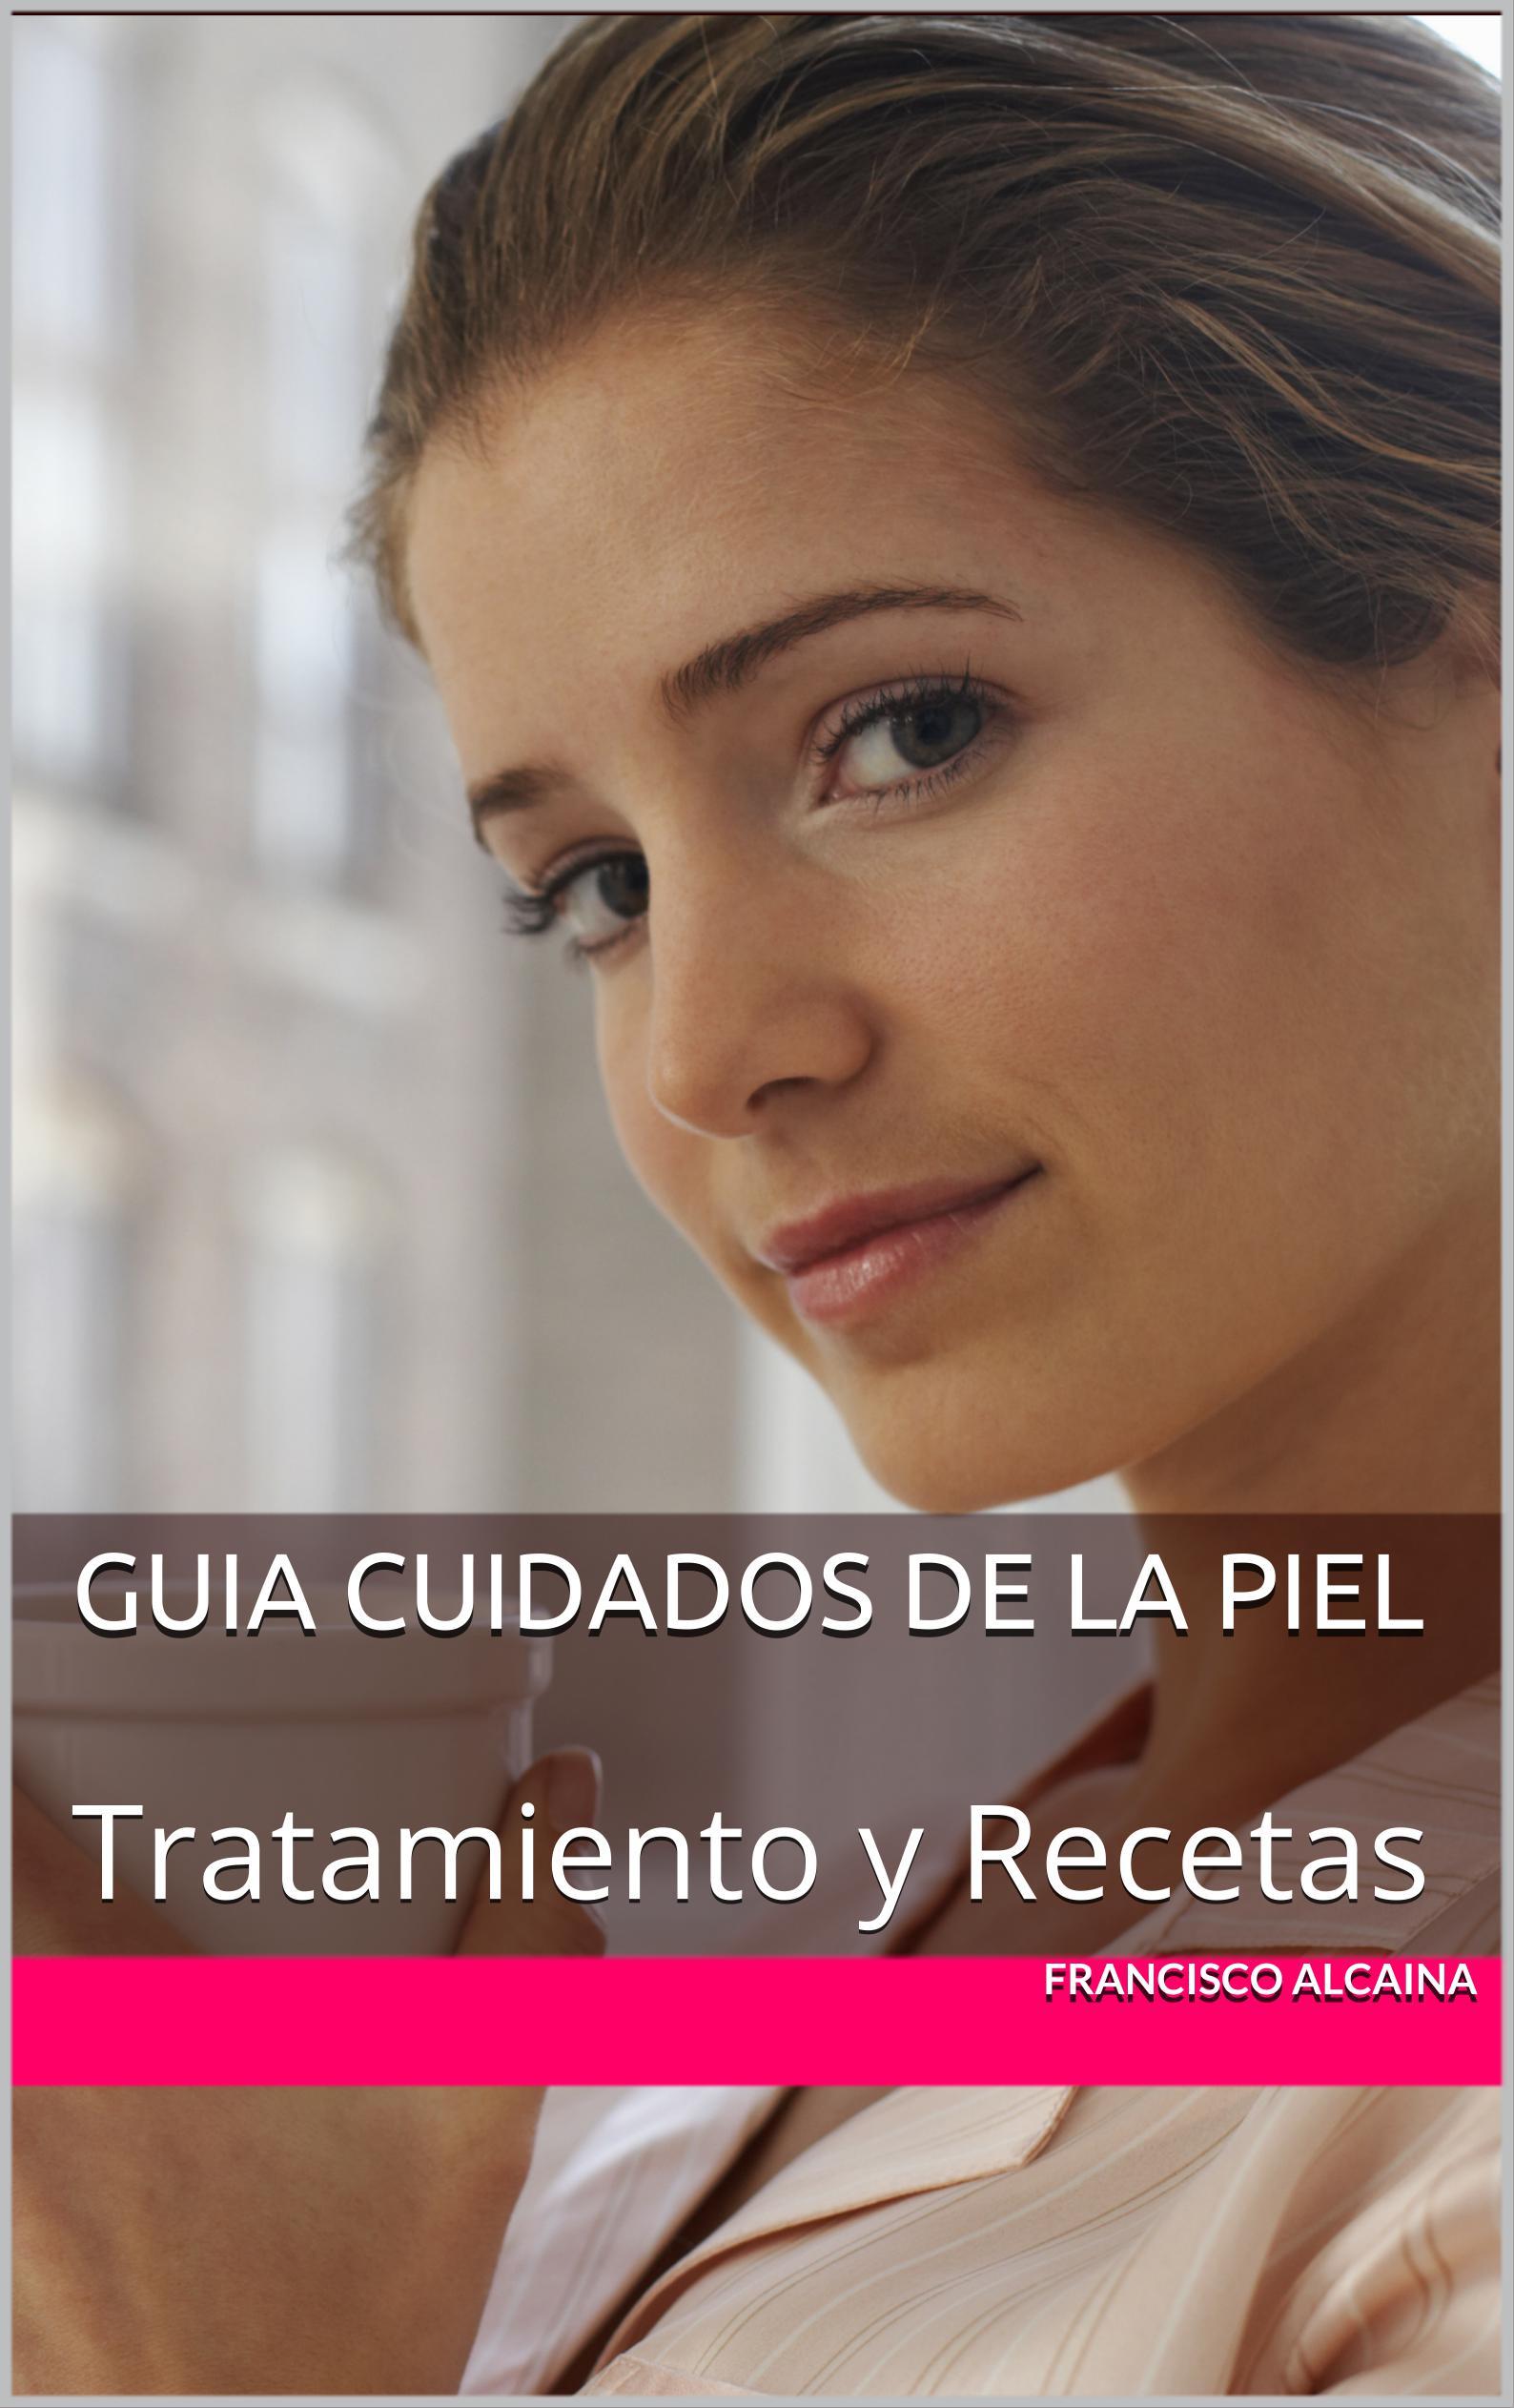 Descargar GUIA CUIDADOS DE LA PIEL  TRATAMIENTOS Y RECETAS